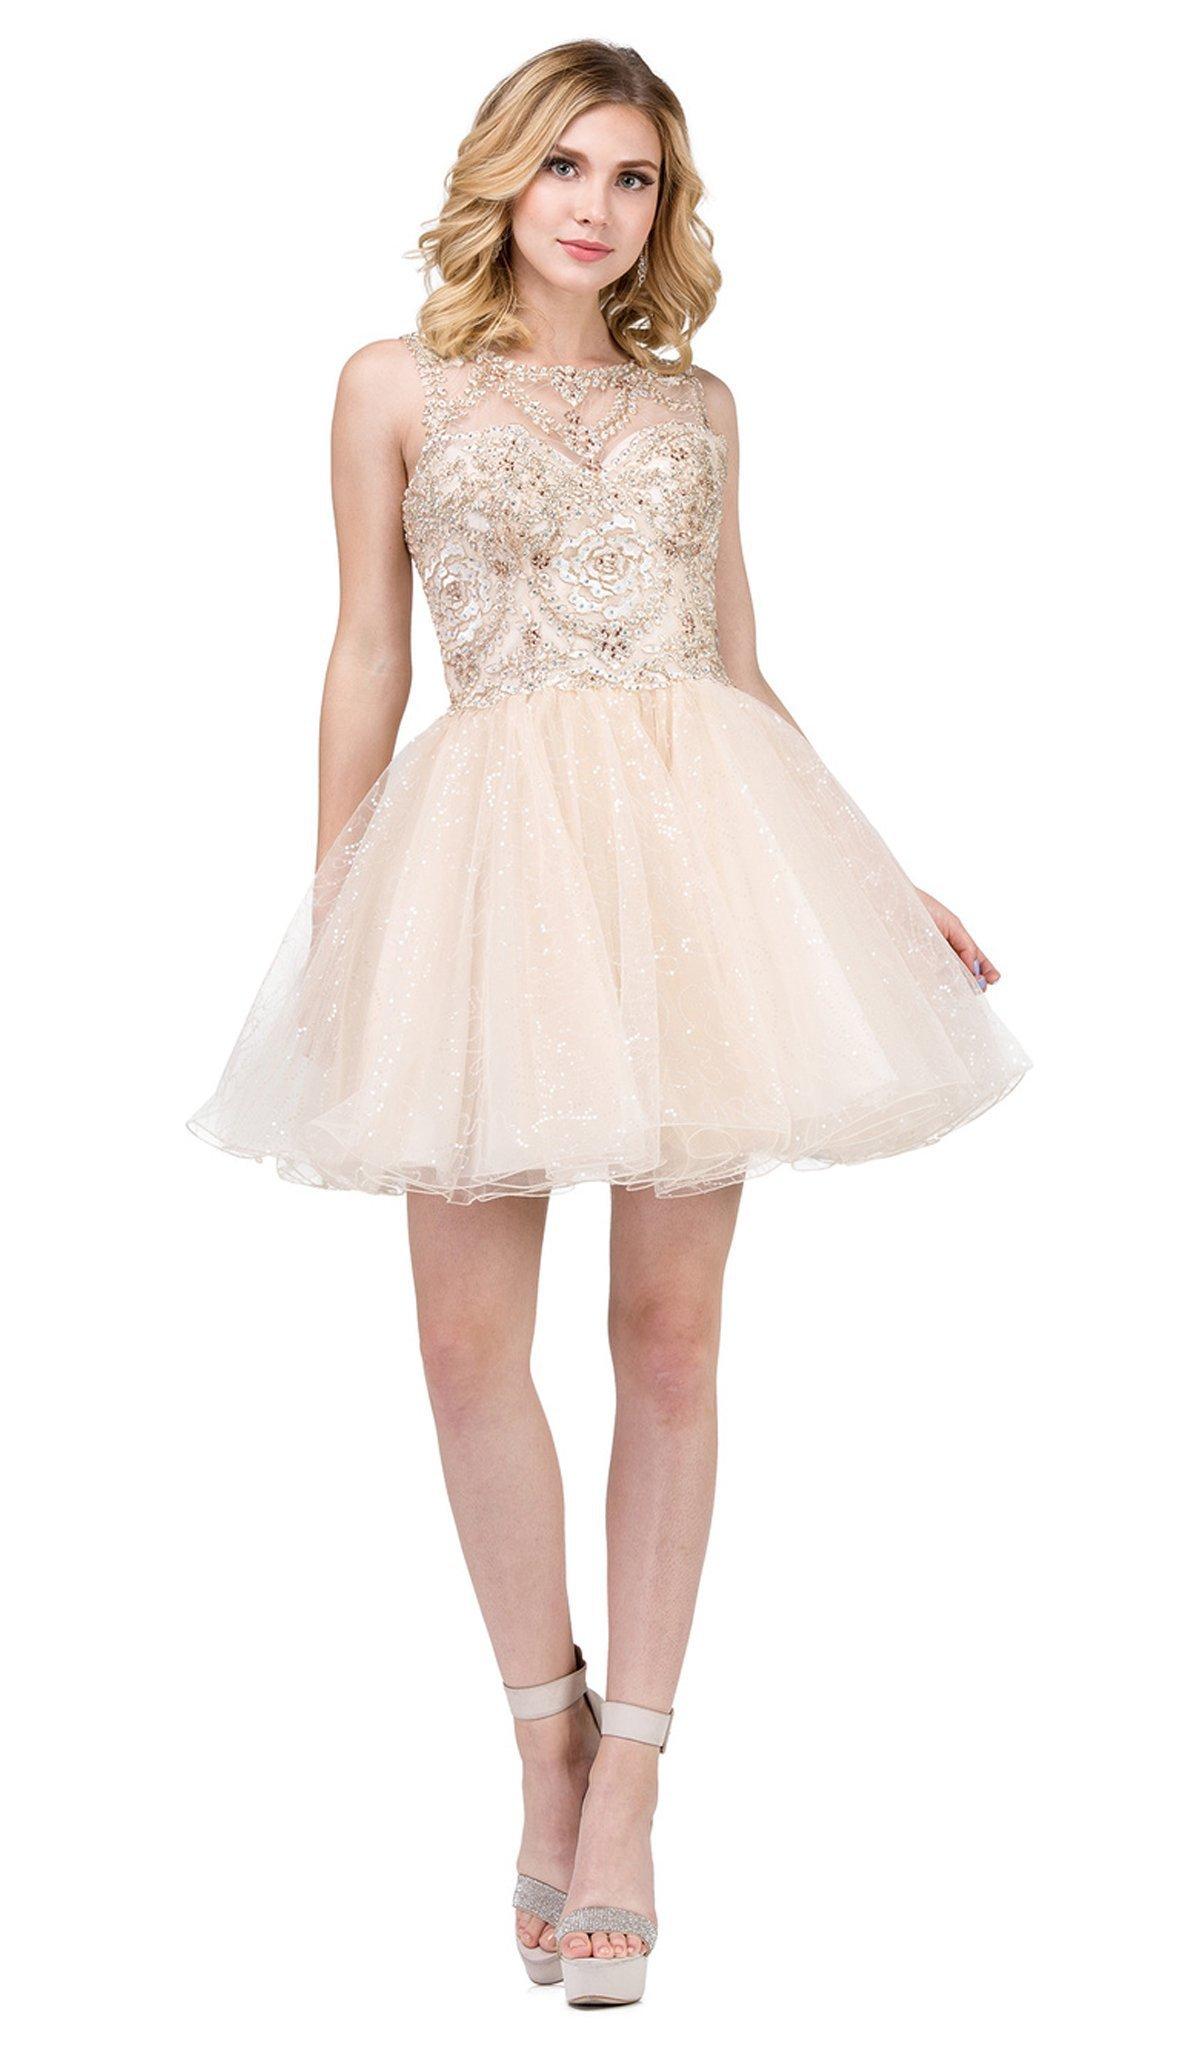 Dancing Queen - 3023 Embellished Scoop A-line Homecoming Dress